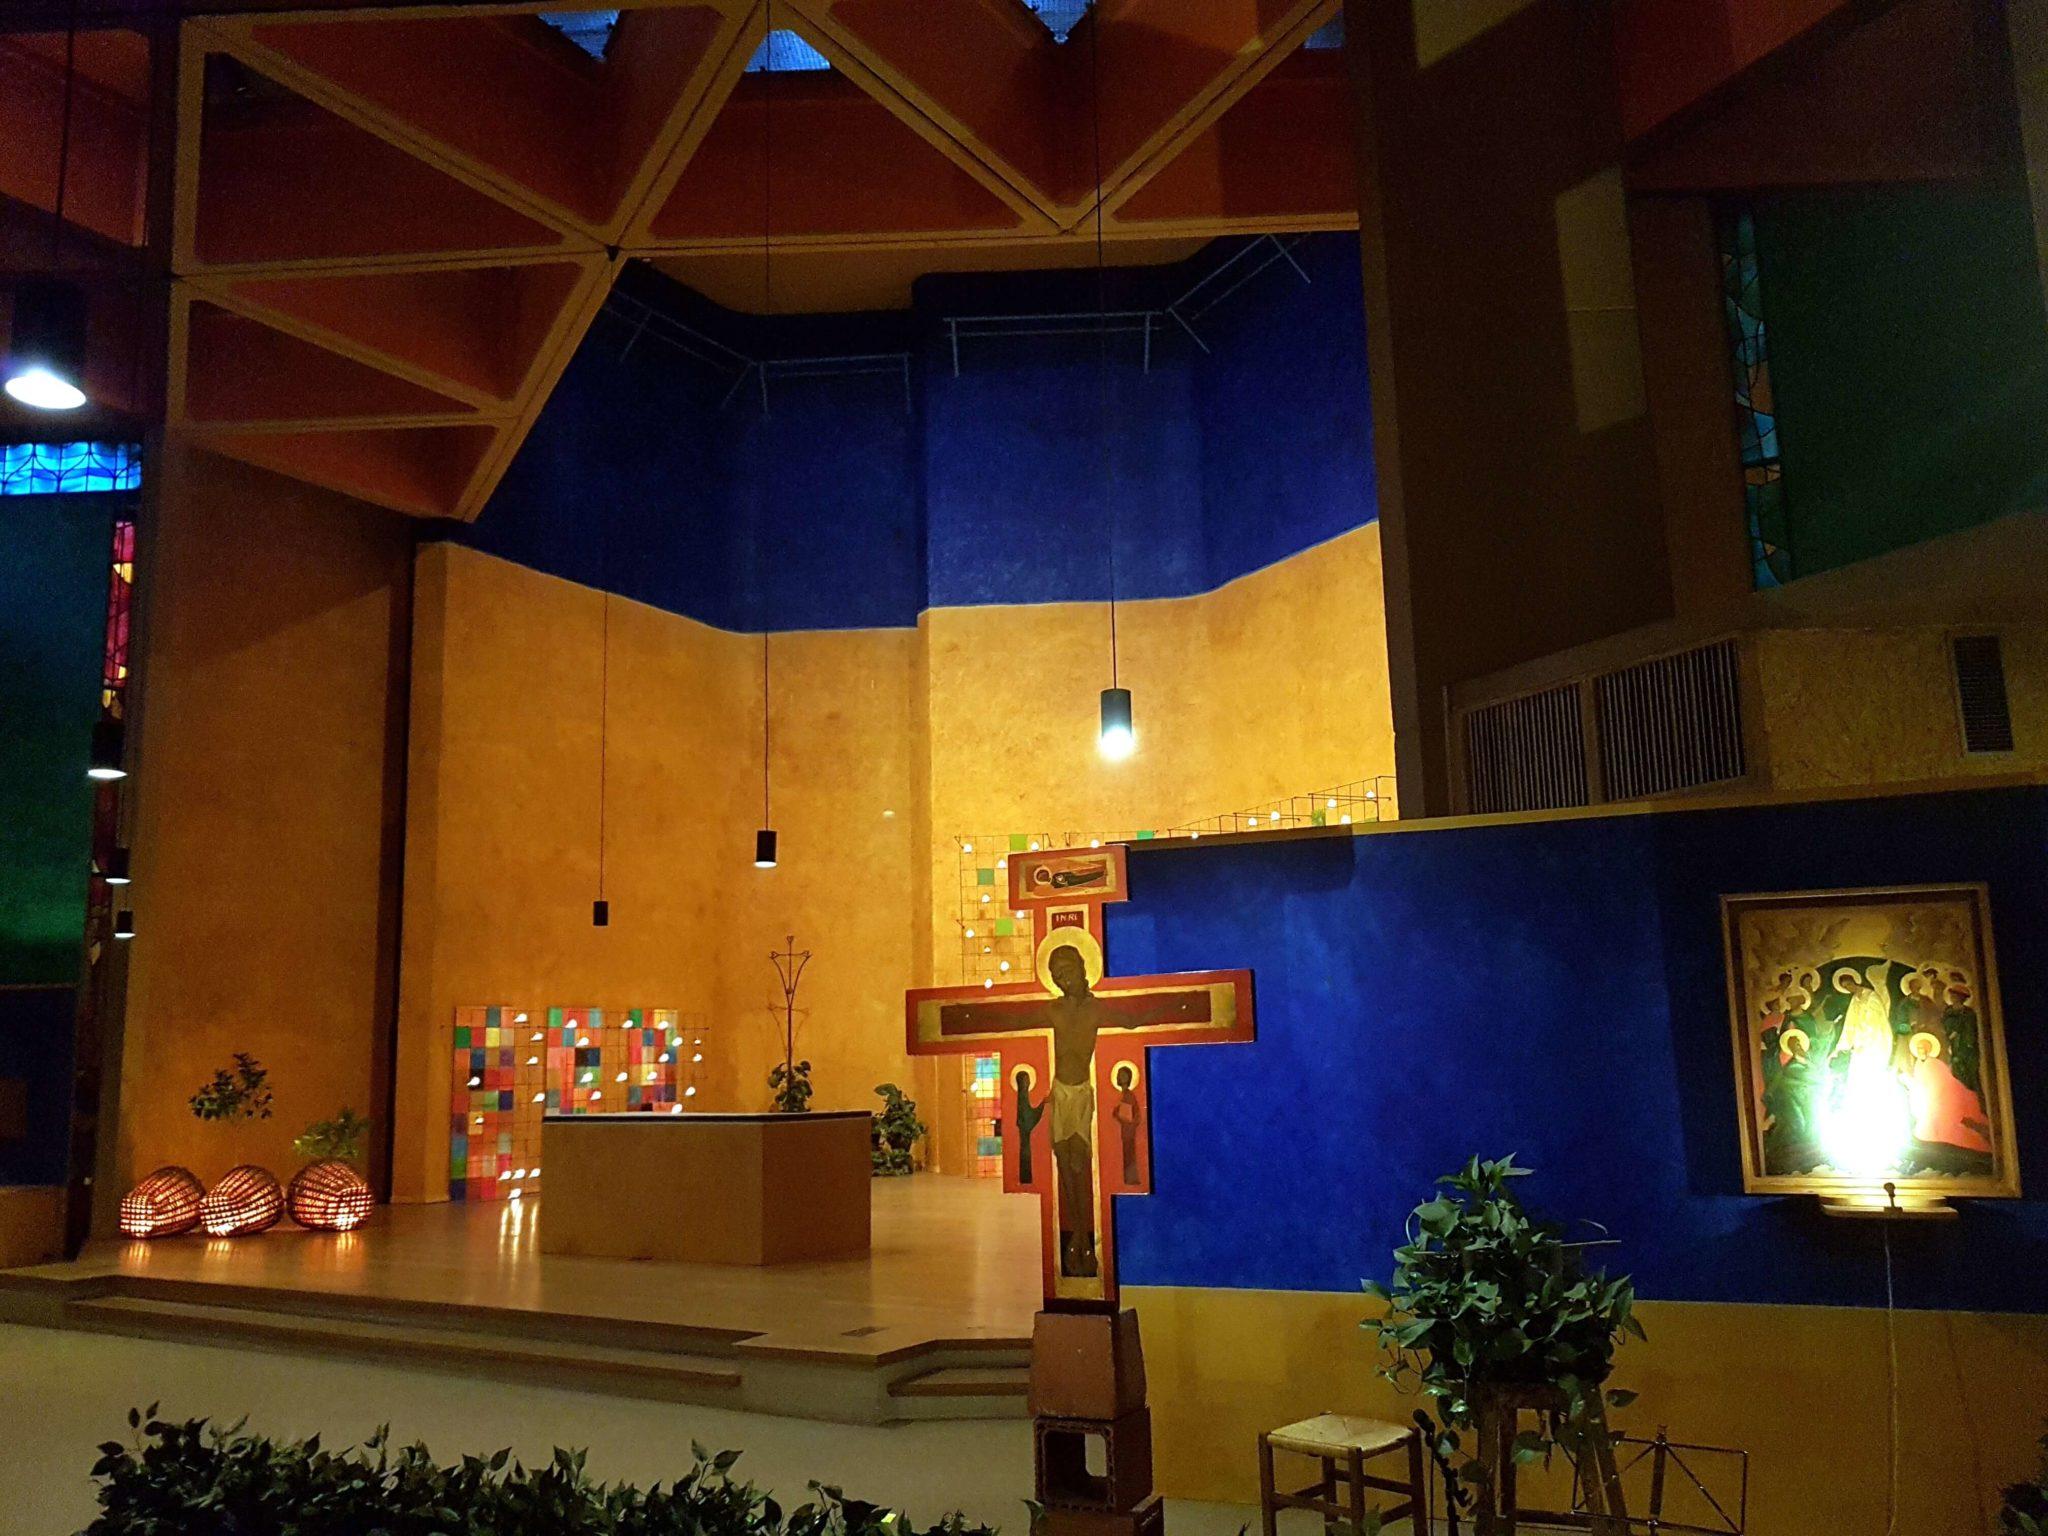 Główny ołtarz w kościele - na czas modlitw ozdobiony świecącymi lampionami i światełkami